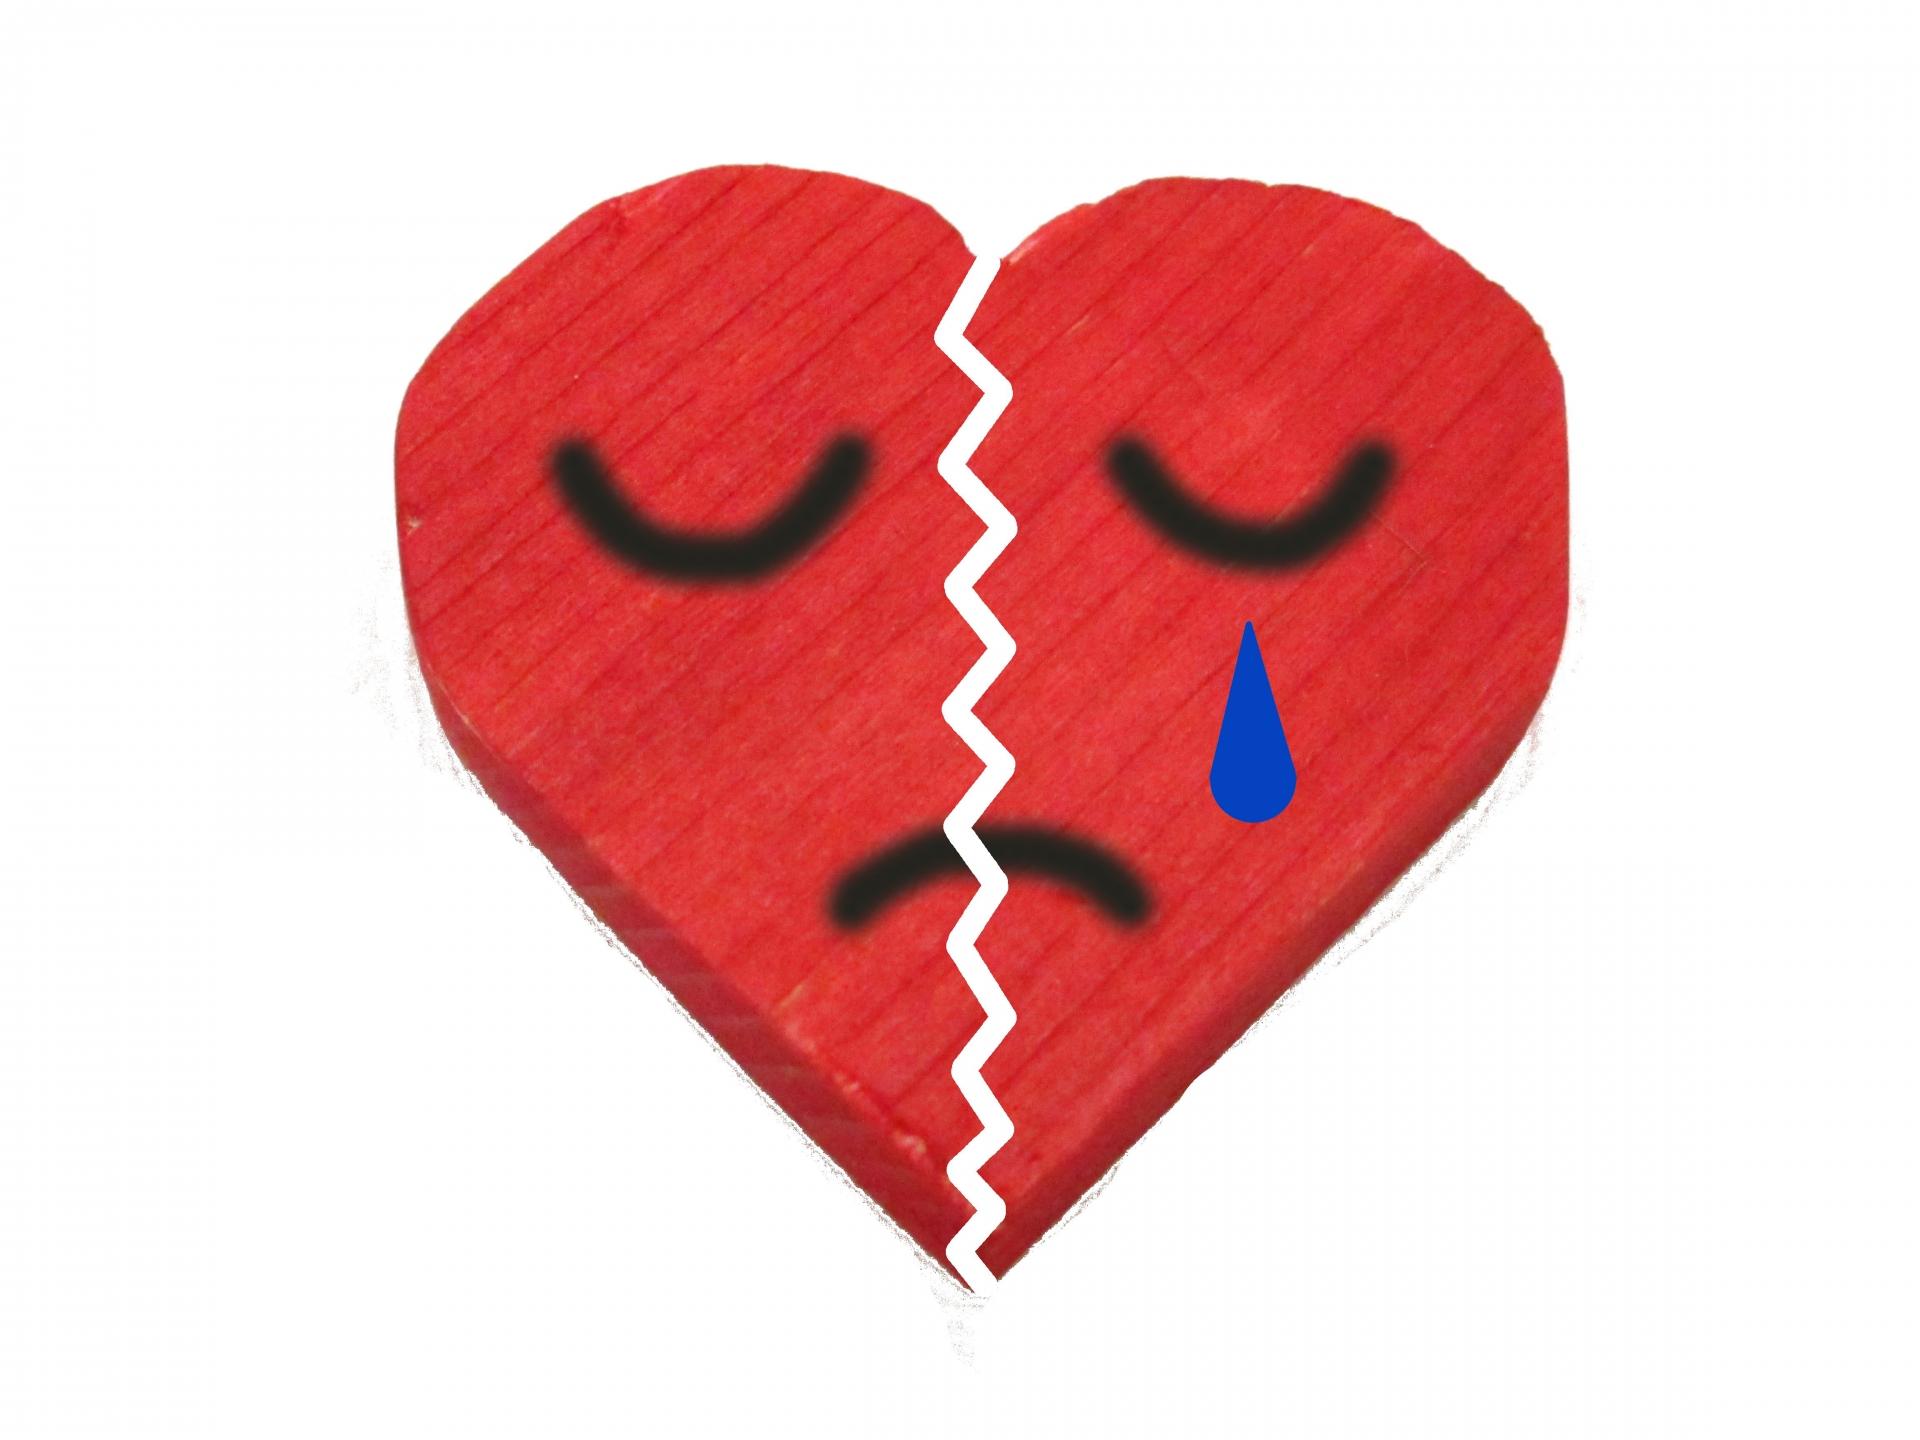 告白を断る時には罪悪感を感じる、傷つけずに断る方法とは!